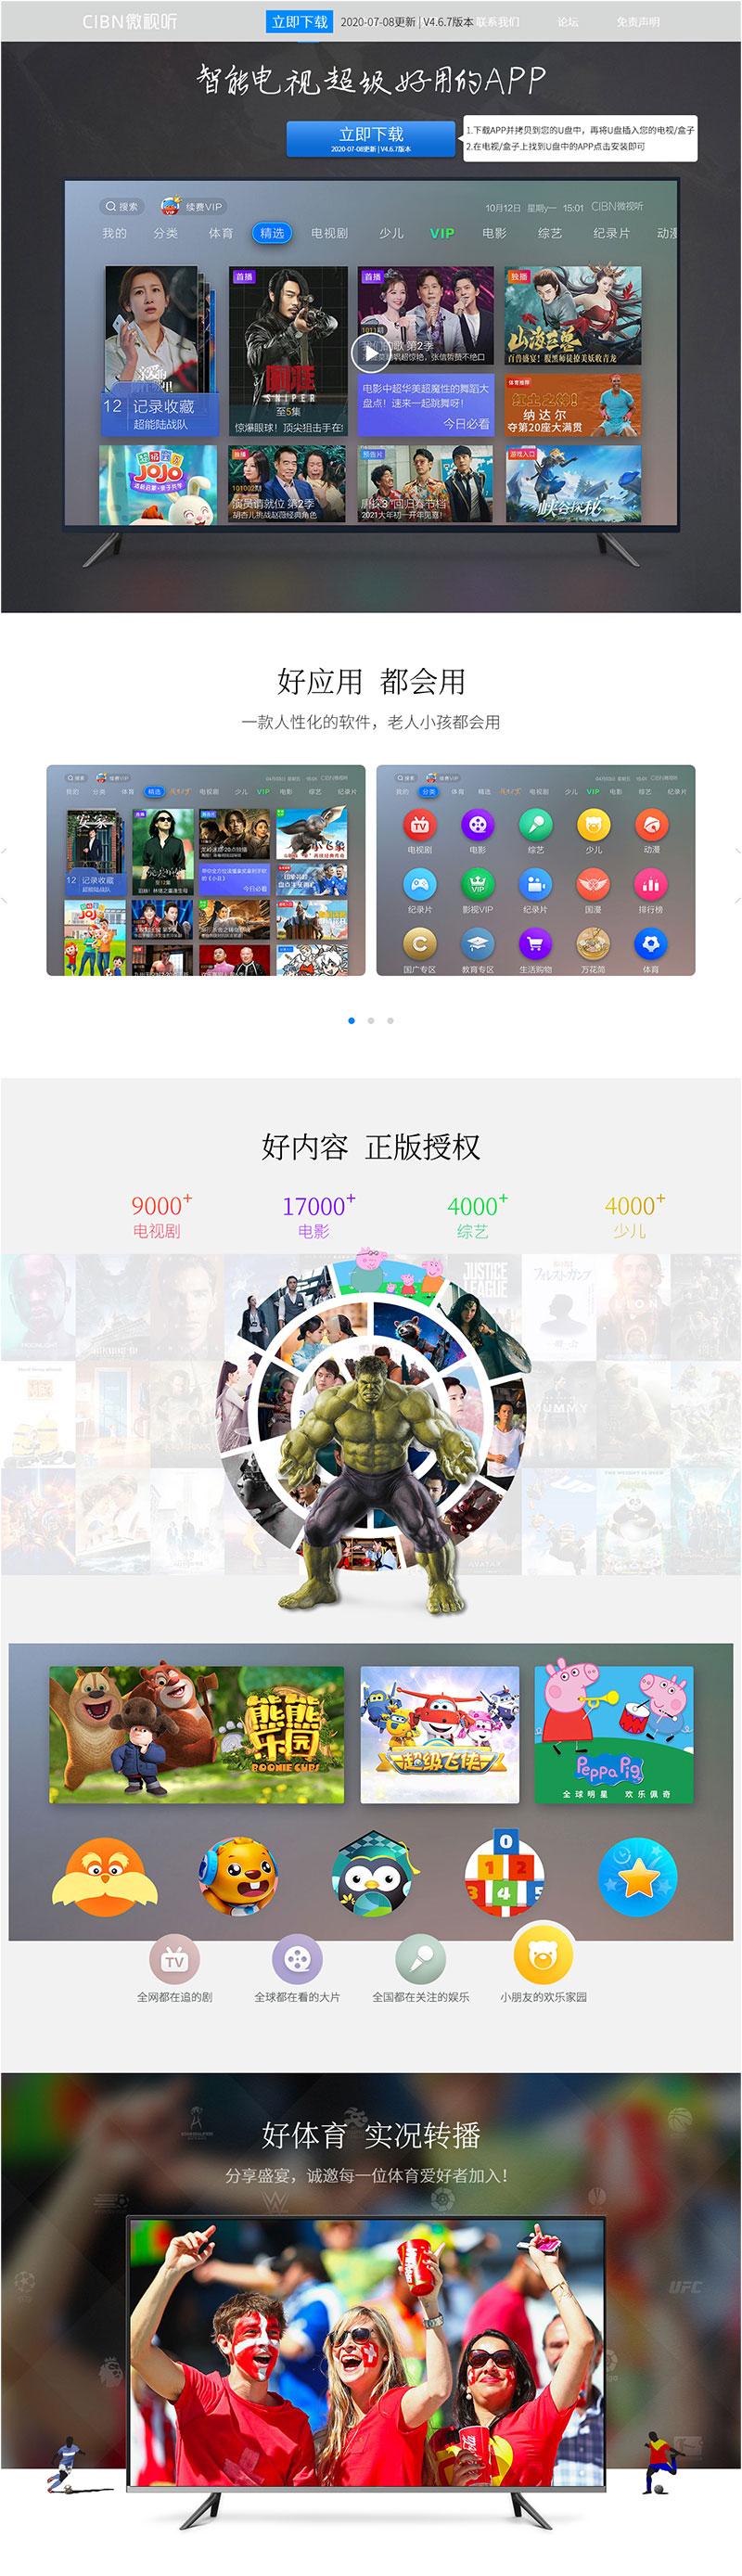 超精美电视盒子APP官网下载页源码,含手机端插图